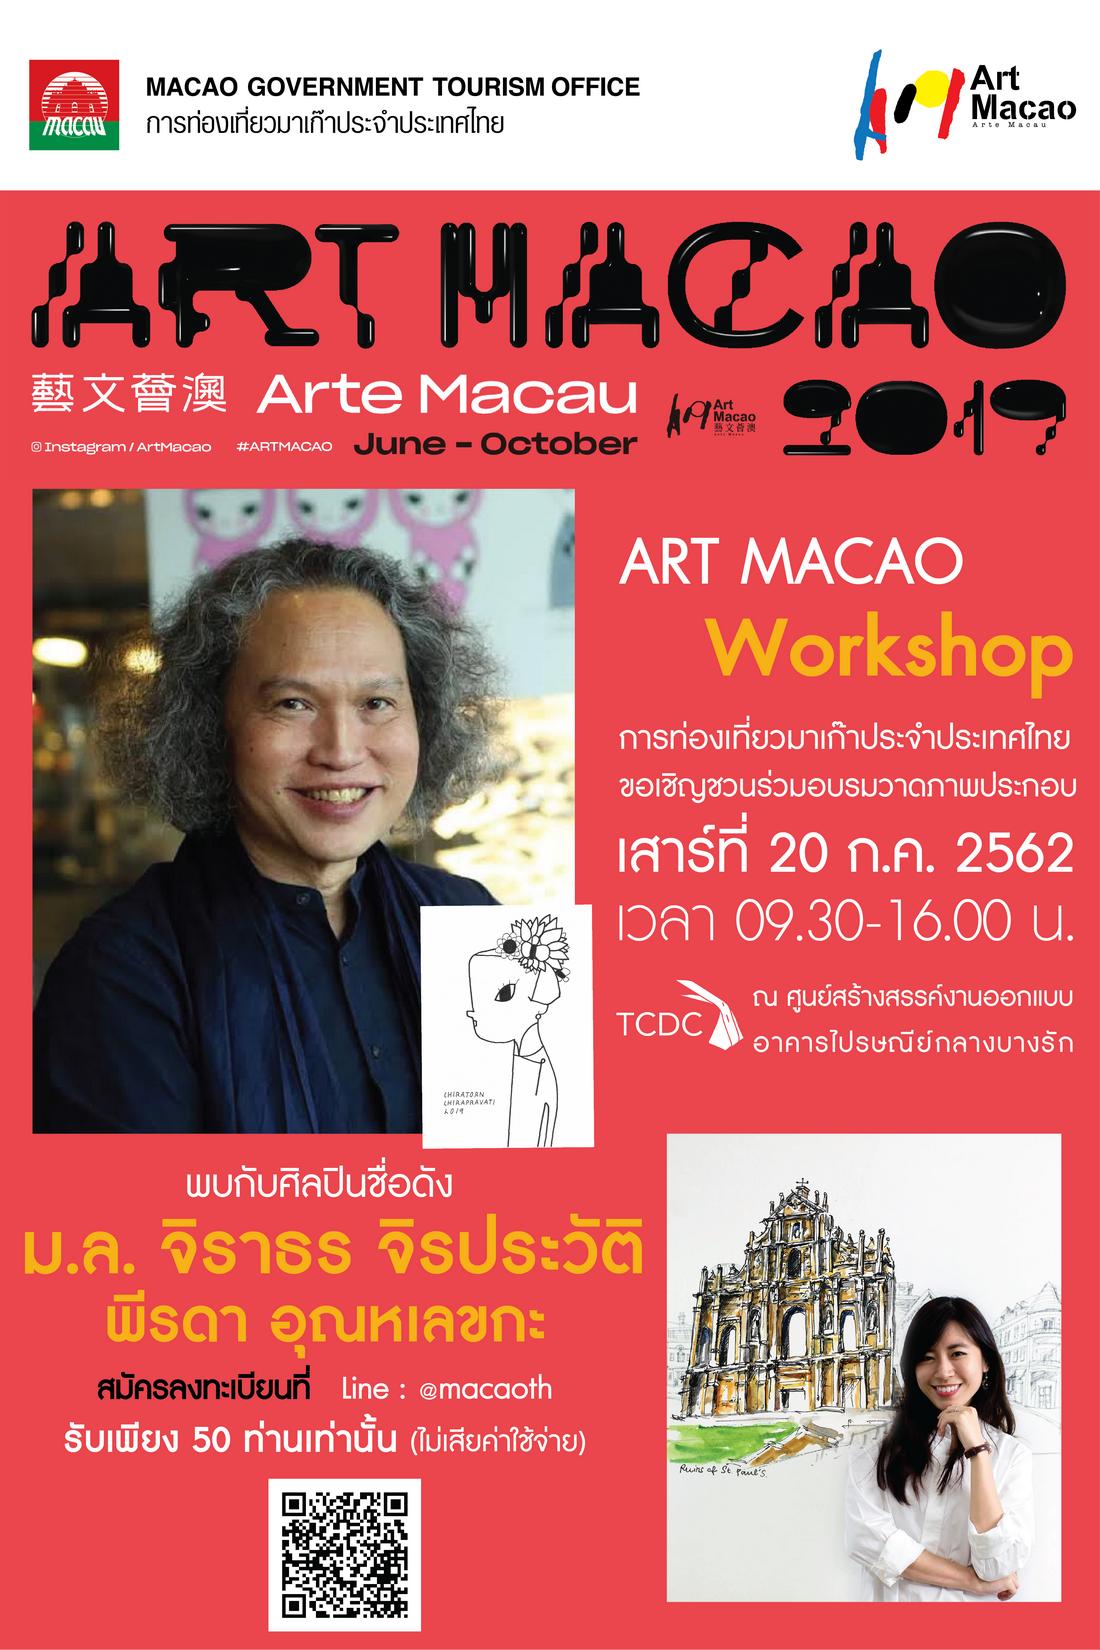 """การท่องเที่ยวมาเก๊าประจำประเทศไทย จัดกิจกรรม """"Art Macao Workshop"""" ร่วมสัมผัสถึงงานเทศกาลศิลปะแห่งมาเก๊า"""